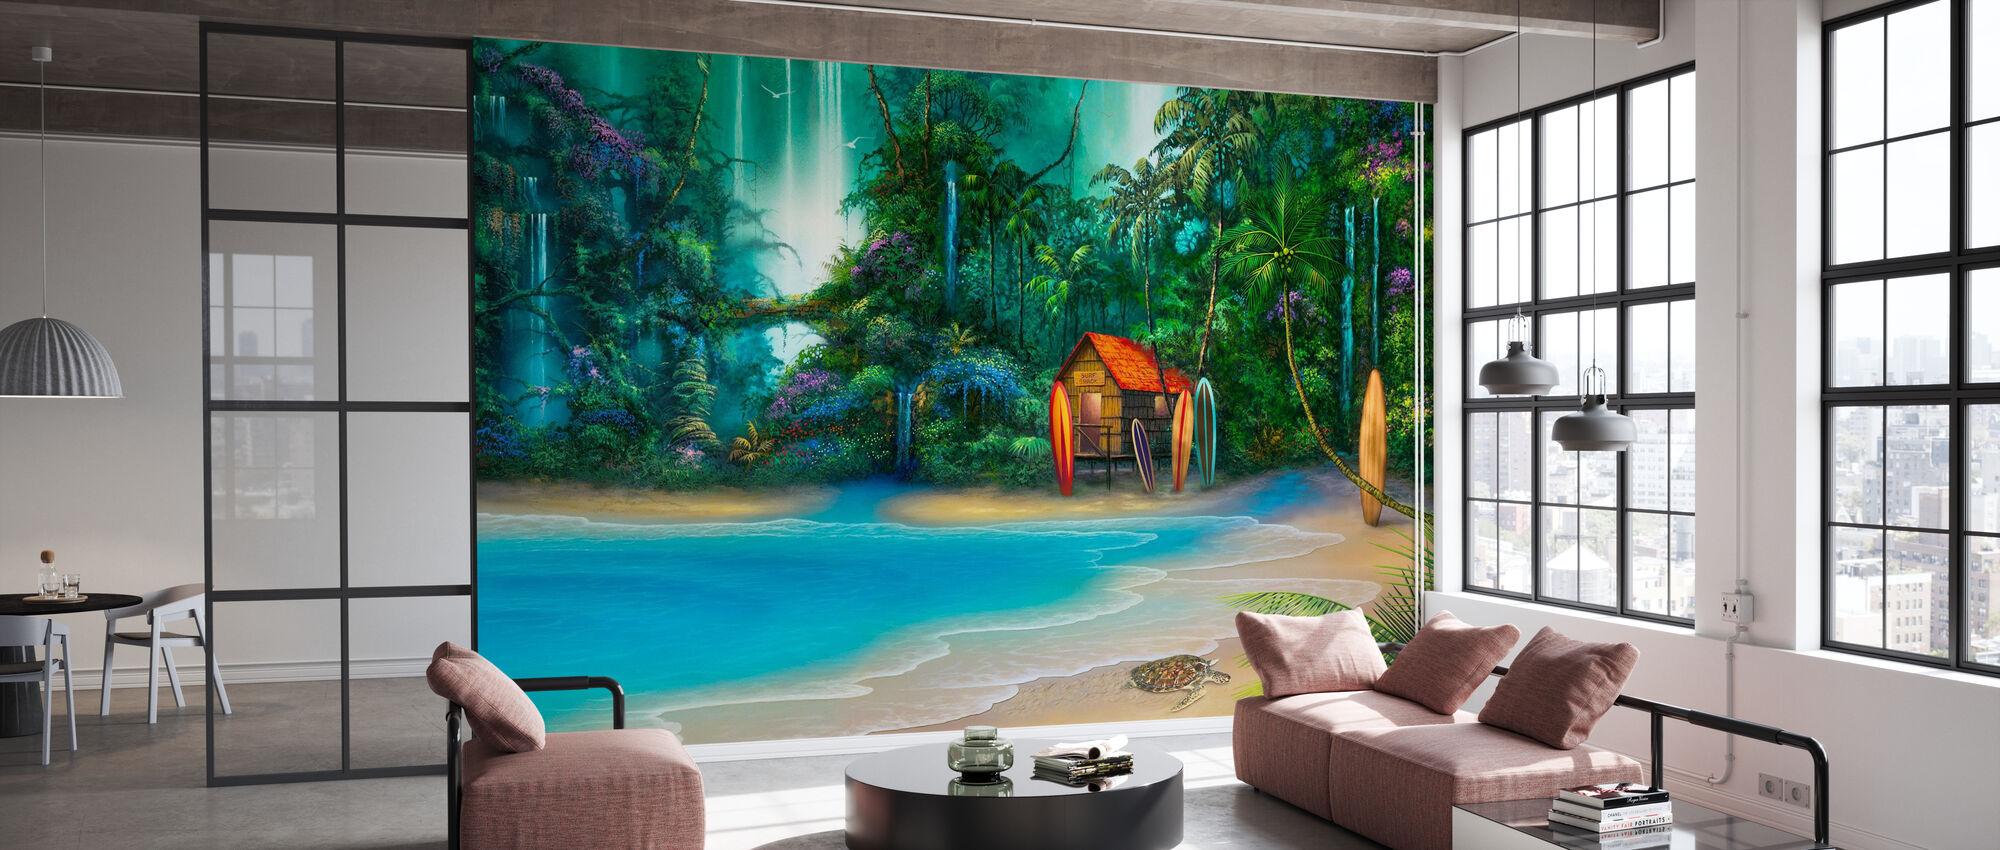 Surf Shack - Wallpaper - Office